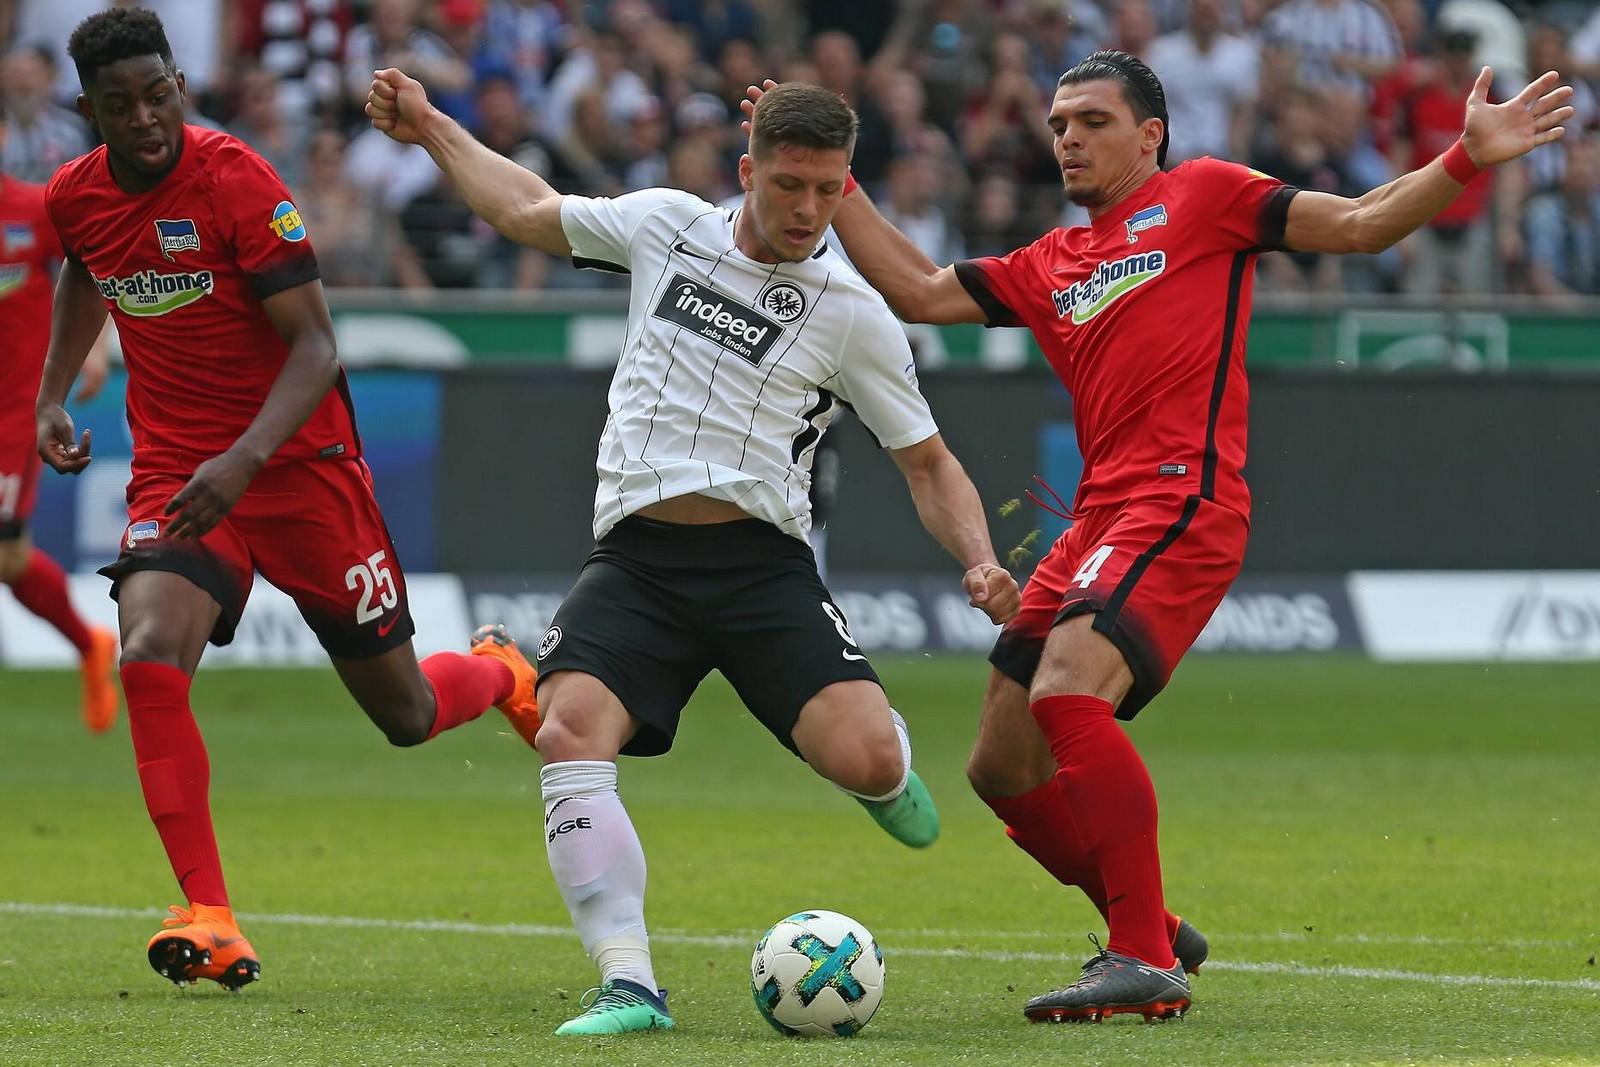 Findet Luka Jovic gegen Hertha wieder den Weg zum Tor? Jetzt auf Hertha gegen Frankfurt wetten!